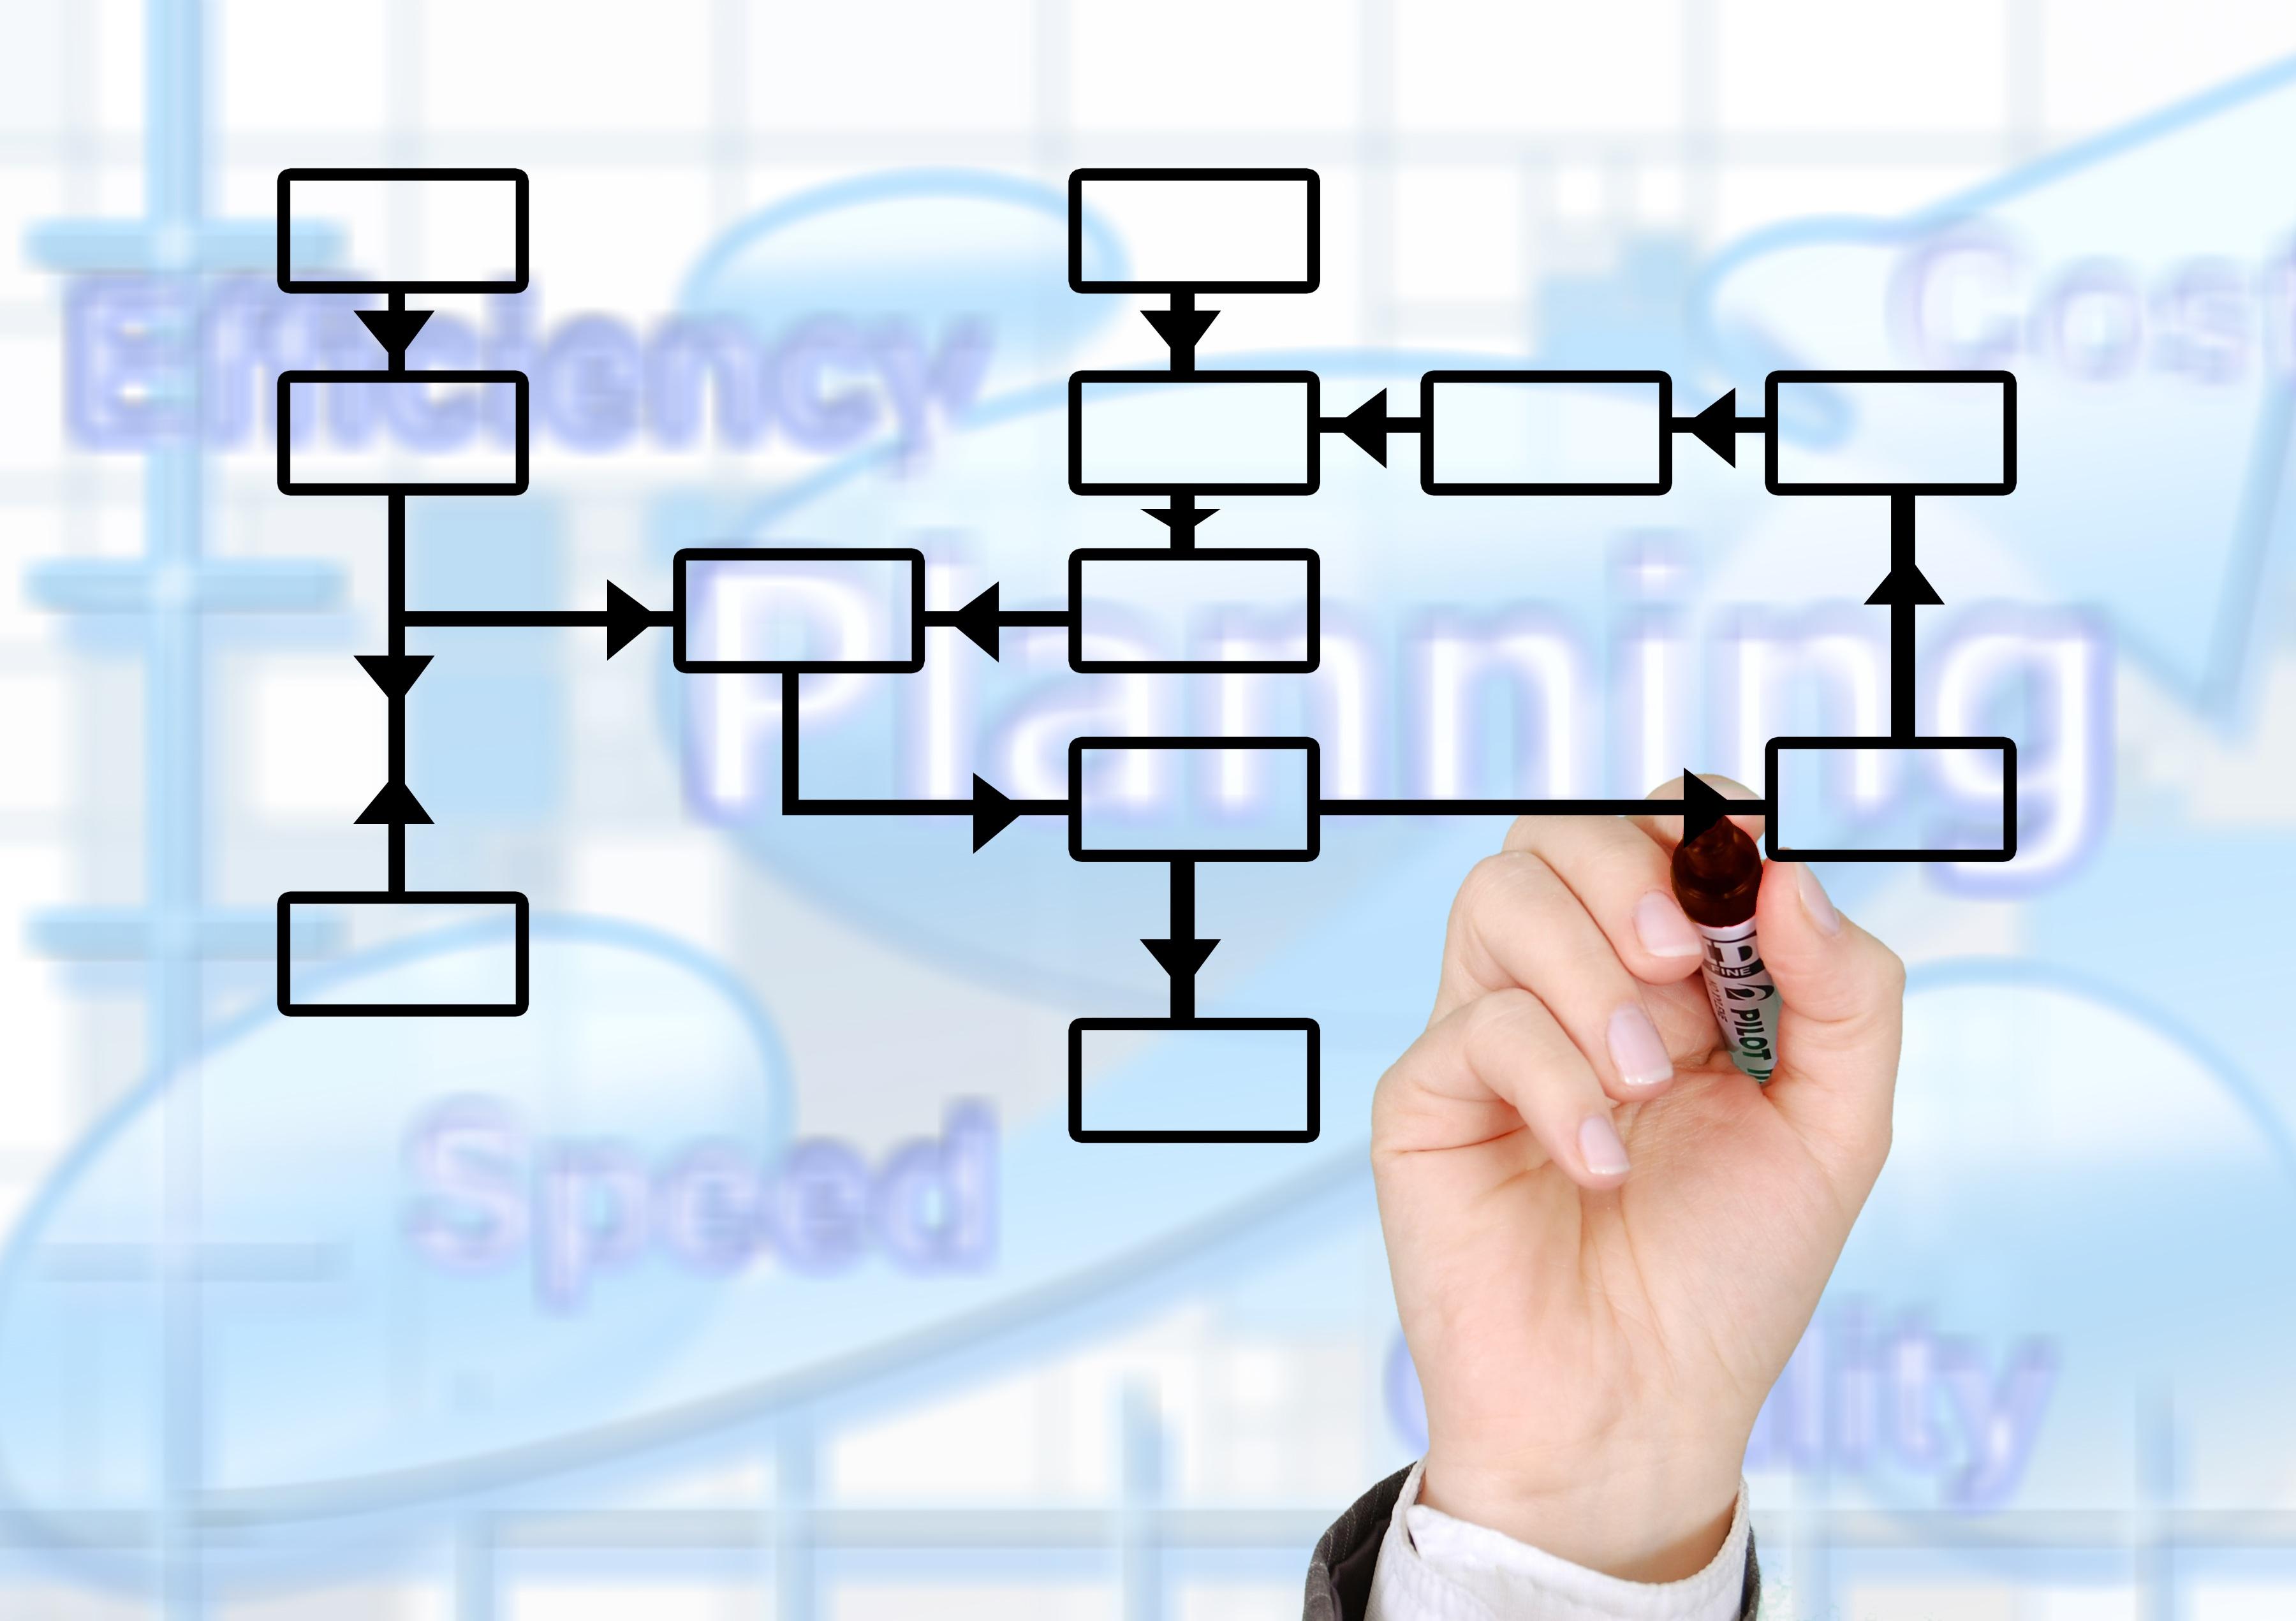 Kilka problemów ze skutecznym wdrożeniem procesów biznesowych, które pomoże rozwiązać automatyzacja